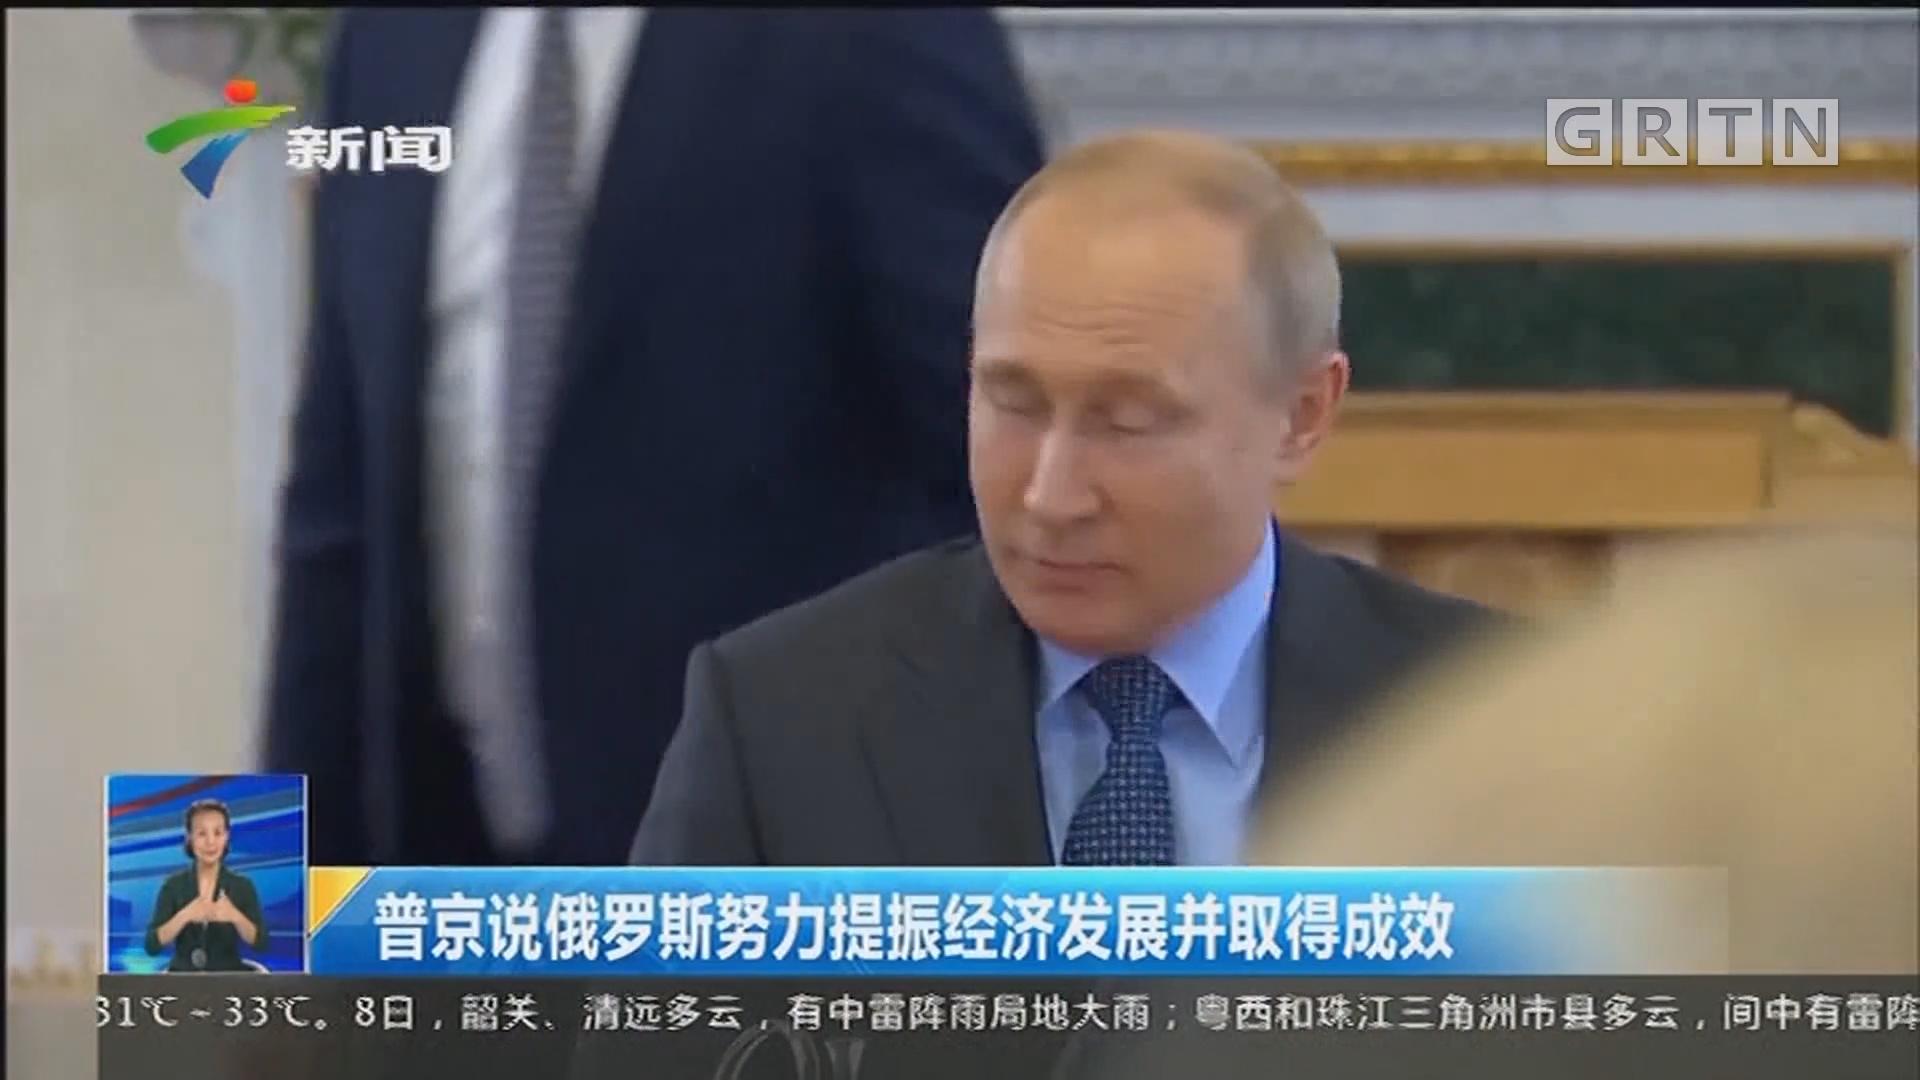 普京说俄罗斯努力提振经济发展并取得成效